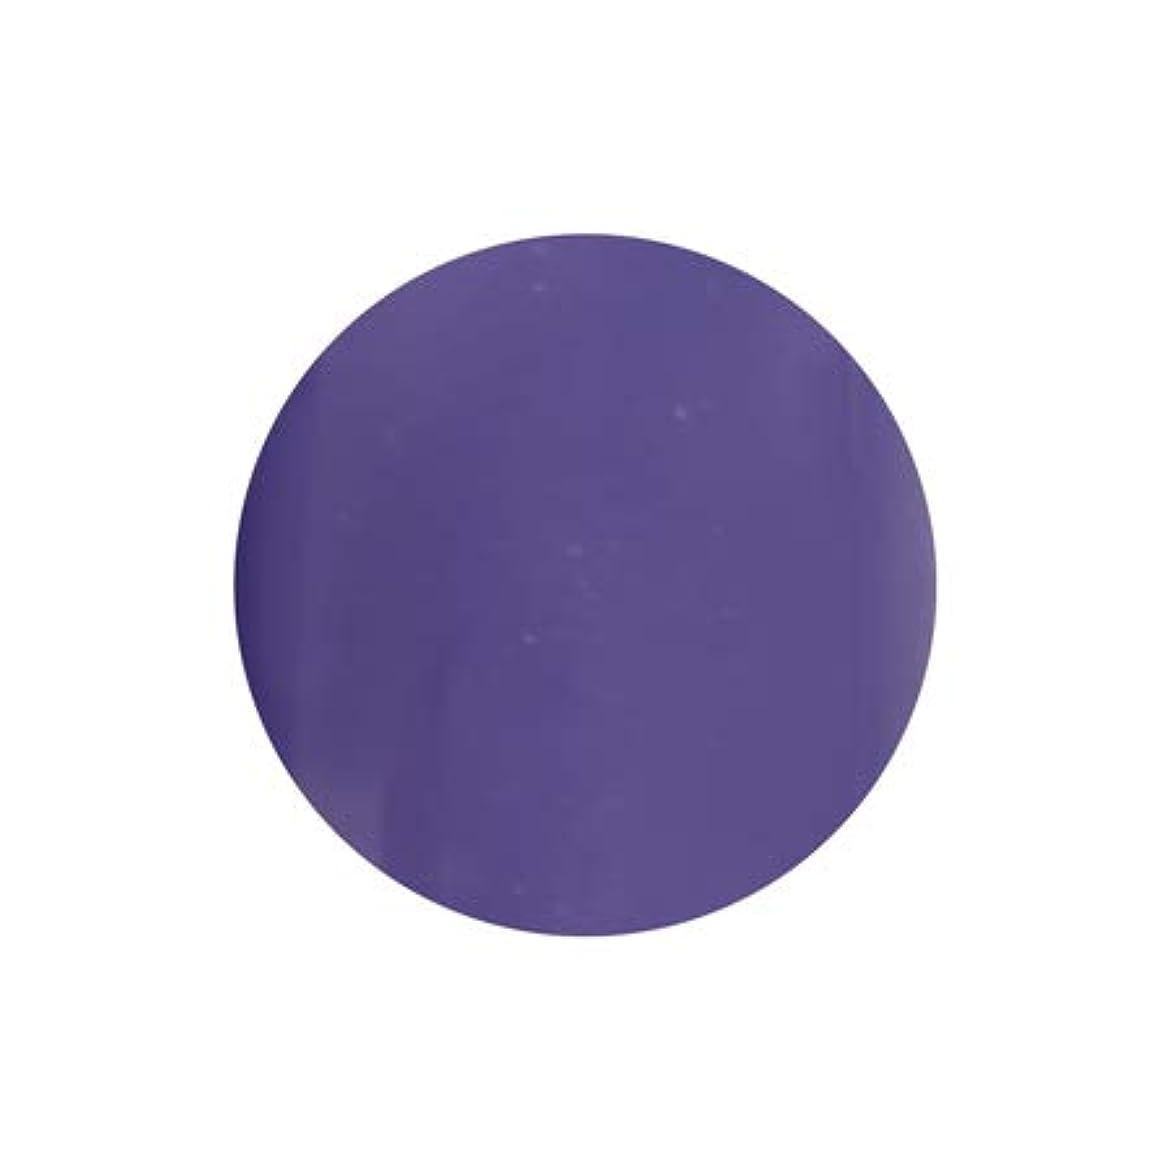 ラッカスセーブスリッパT-GEL COLLECTION カラージェル D228 シフォンバイオレット 4ml